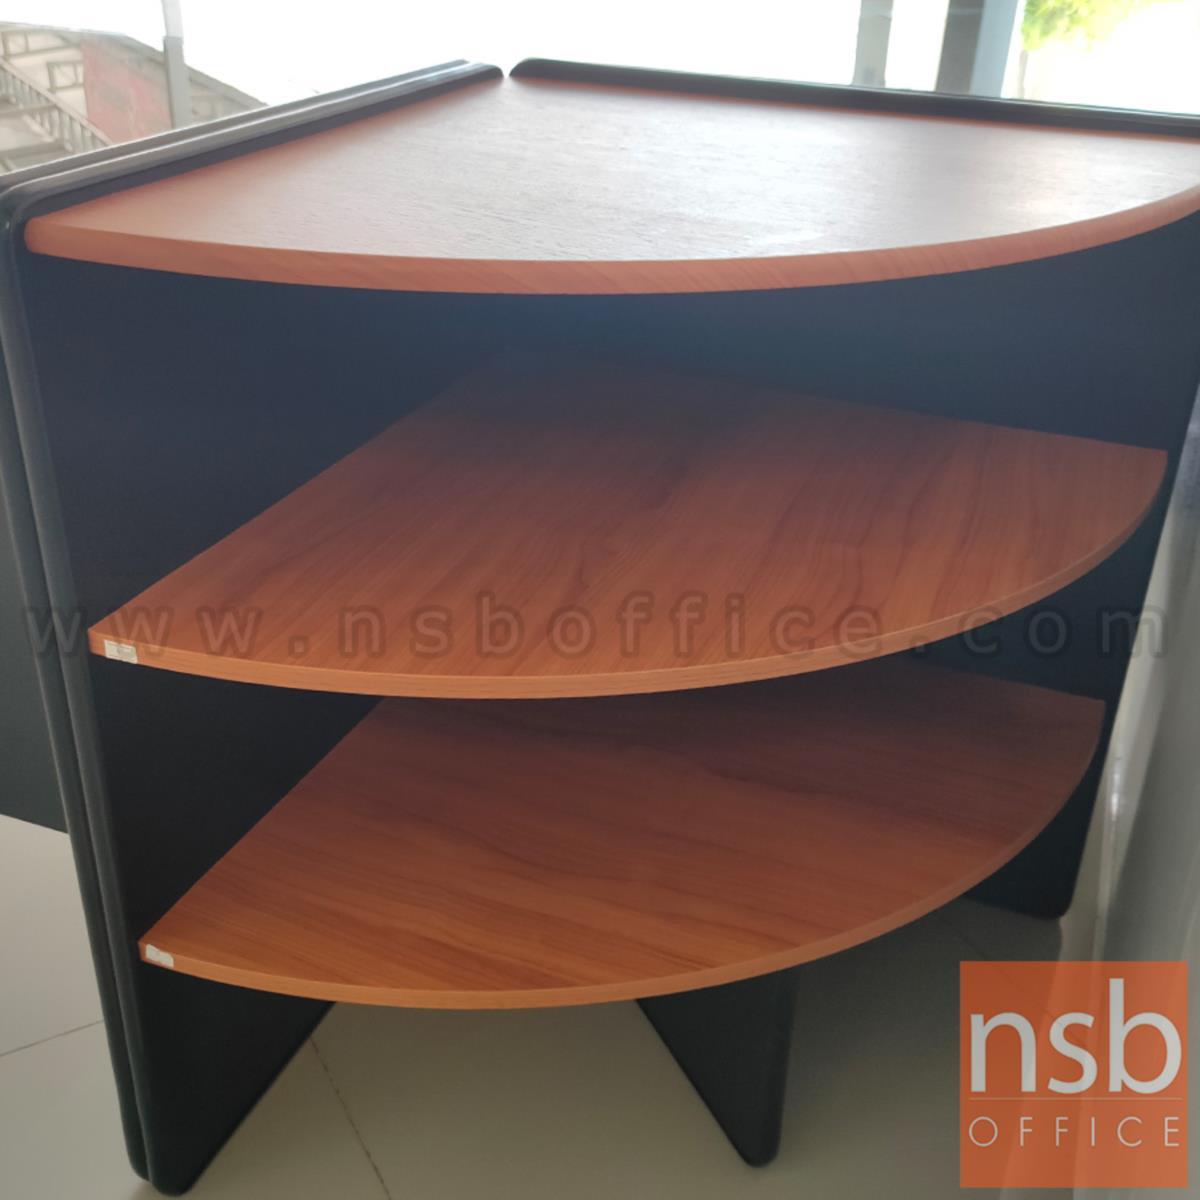 โต๊ะเข้ามุม 3 ชั้น  รุ่น Lazer (เลเซอร์) รัศมี R60 ,R75 cm.